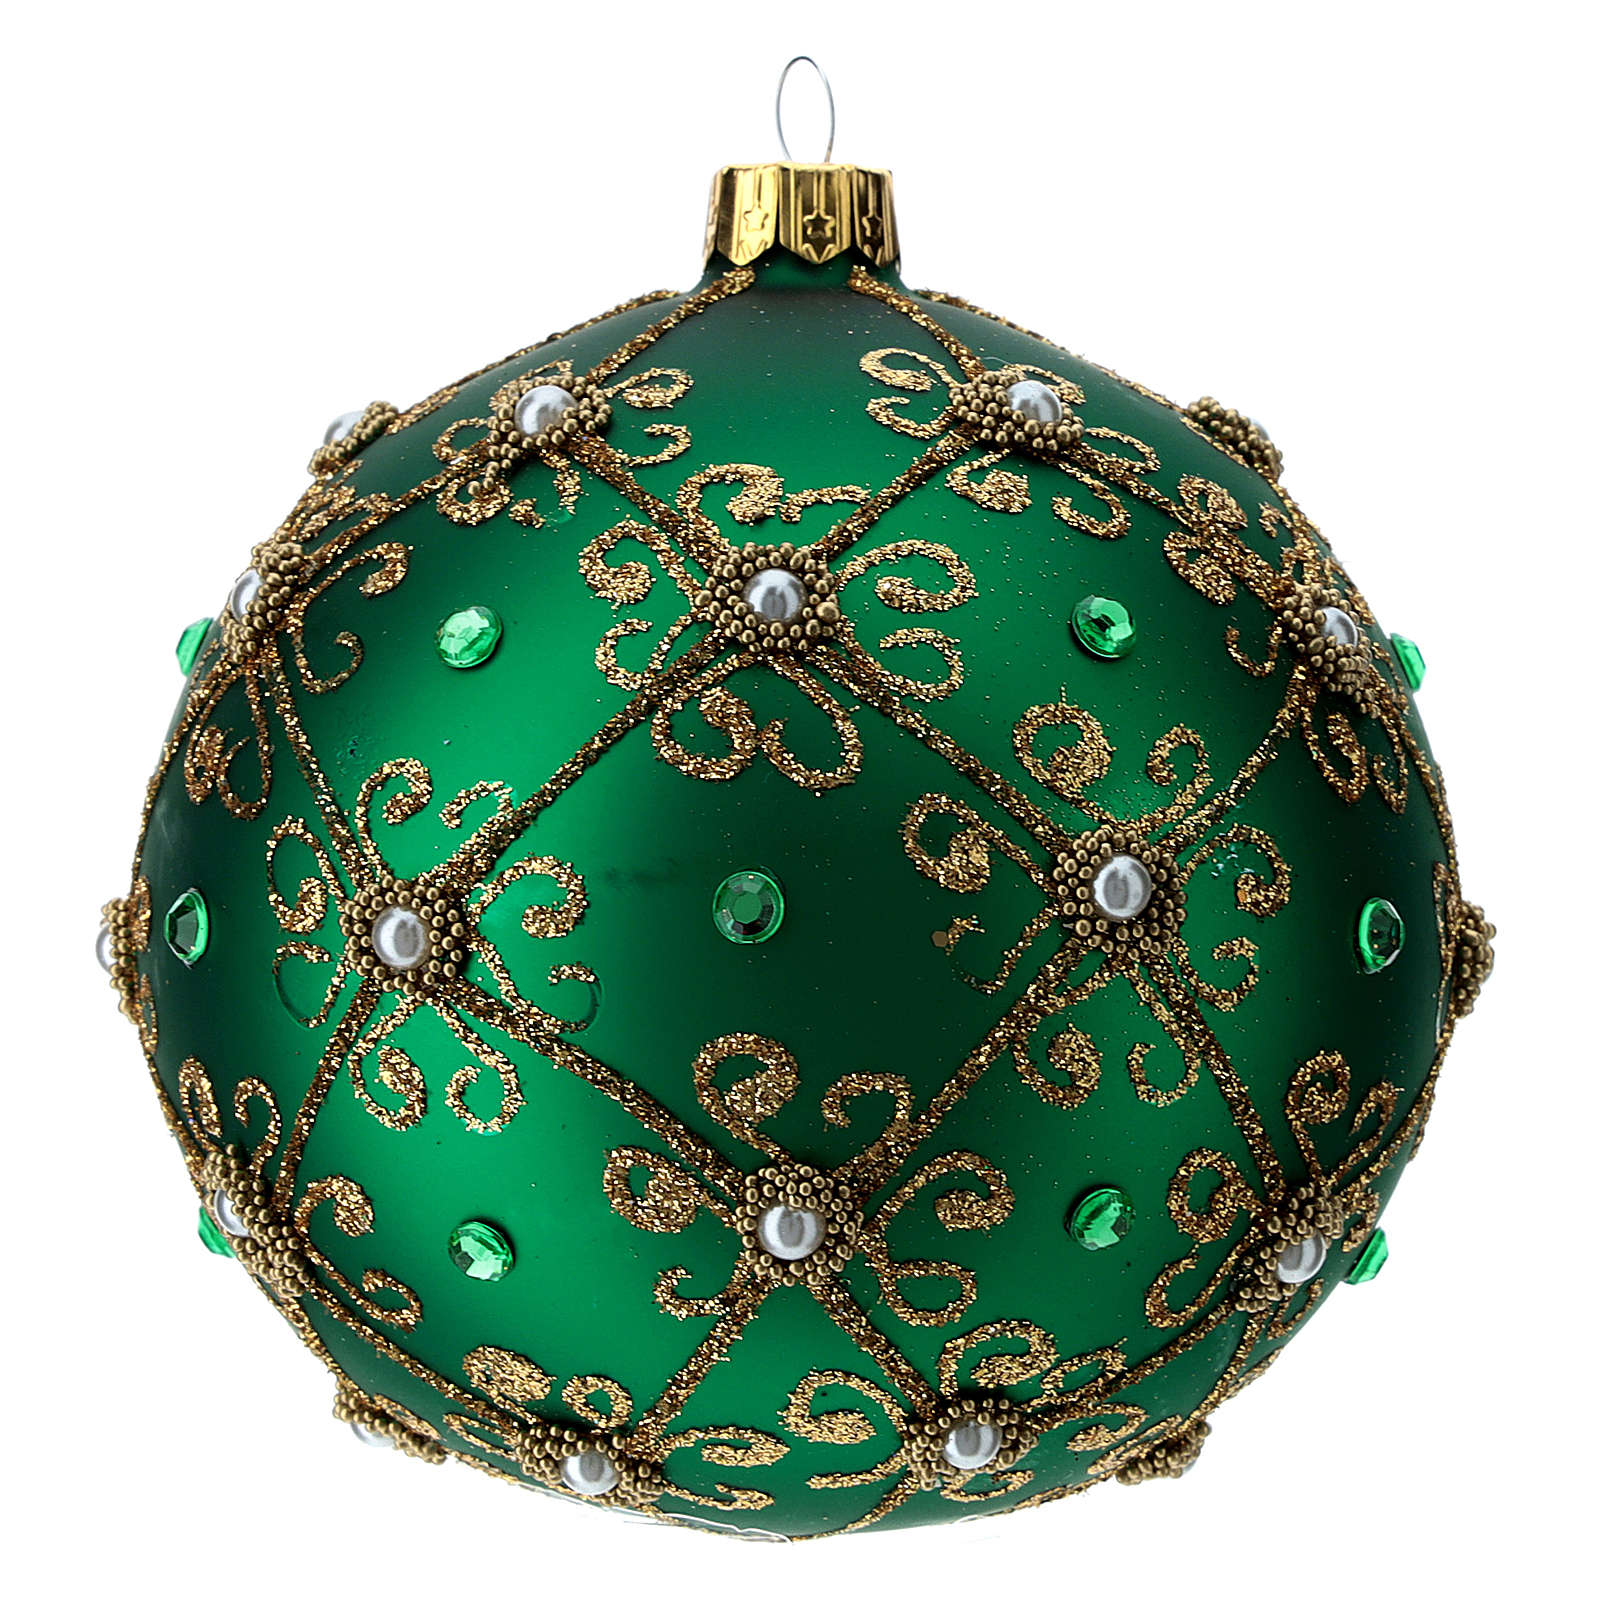 Décoration Noël boule vert et or 100 mm 4